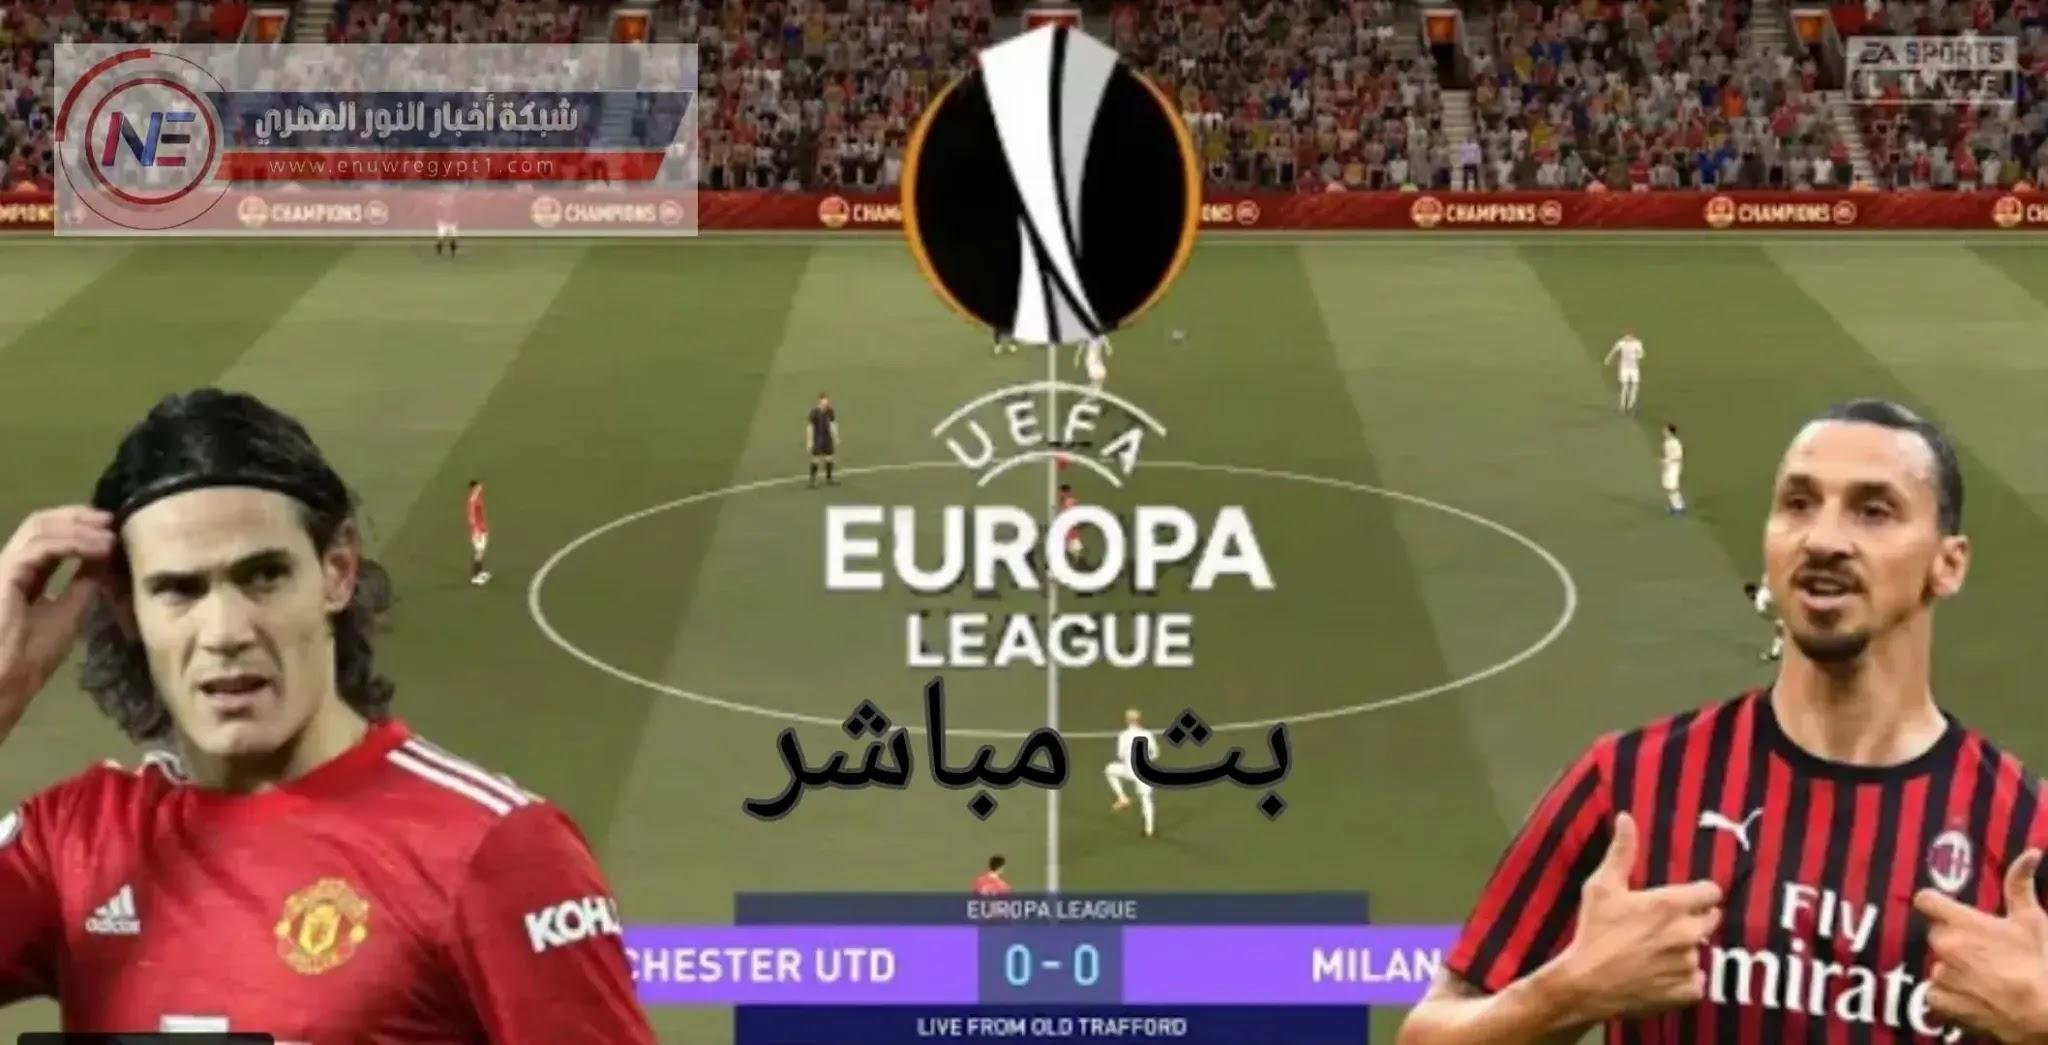 يلا شوت حصري الجديد HD | مشاهدة مباراة مانشستر يونايتد و ميلان بث مباشر اليوم 11-03-2021 في الدورى الاوروبي بدون تقطيع تعليق صوتي عربي